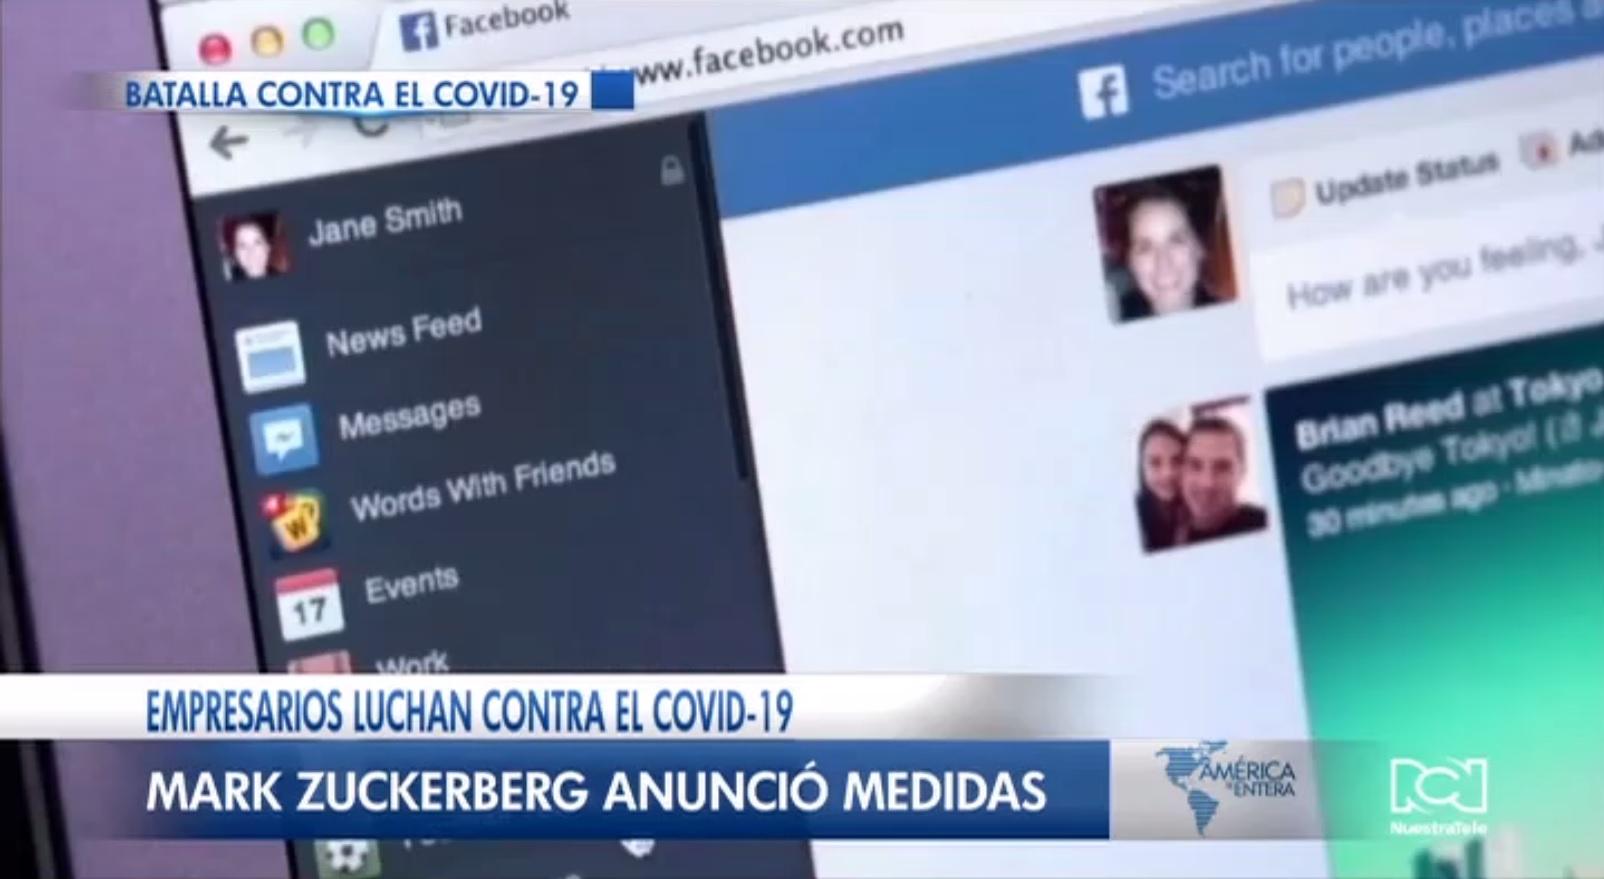 Facebook permitirá a la OMS hacer anuncios gratis para dar respuesta a información verdadera sobre el coronavirus